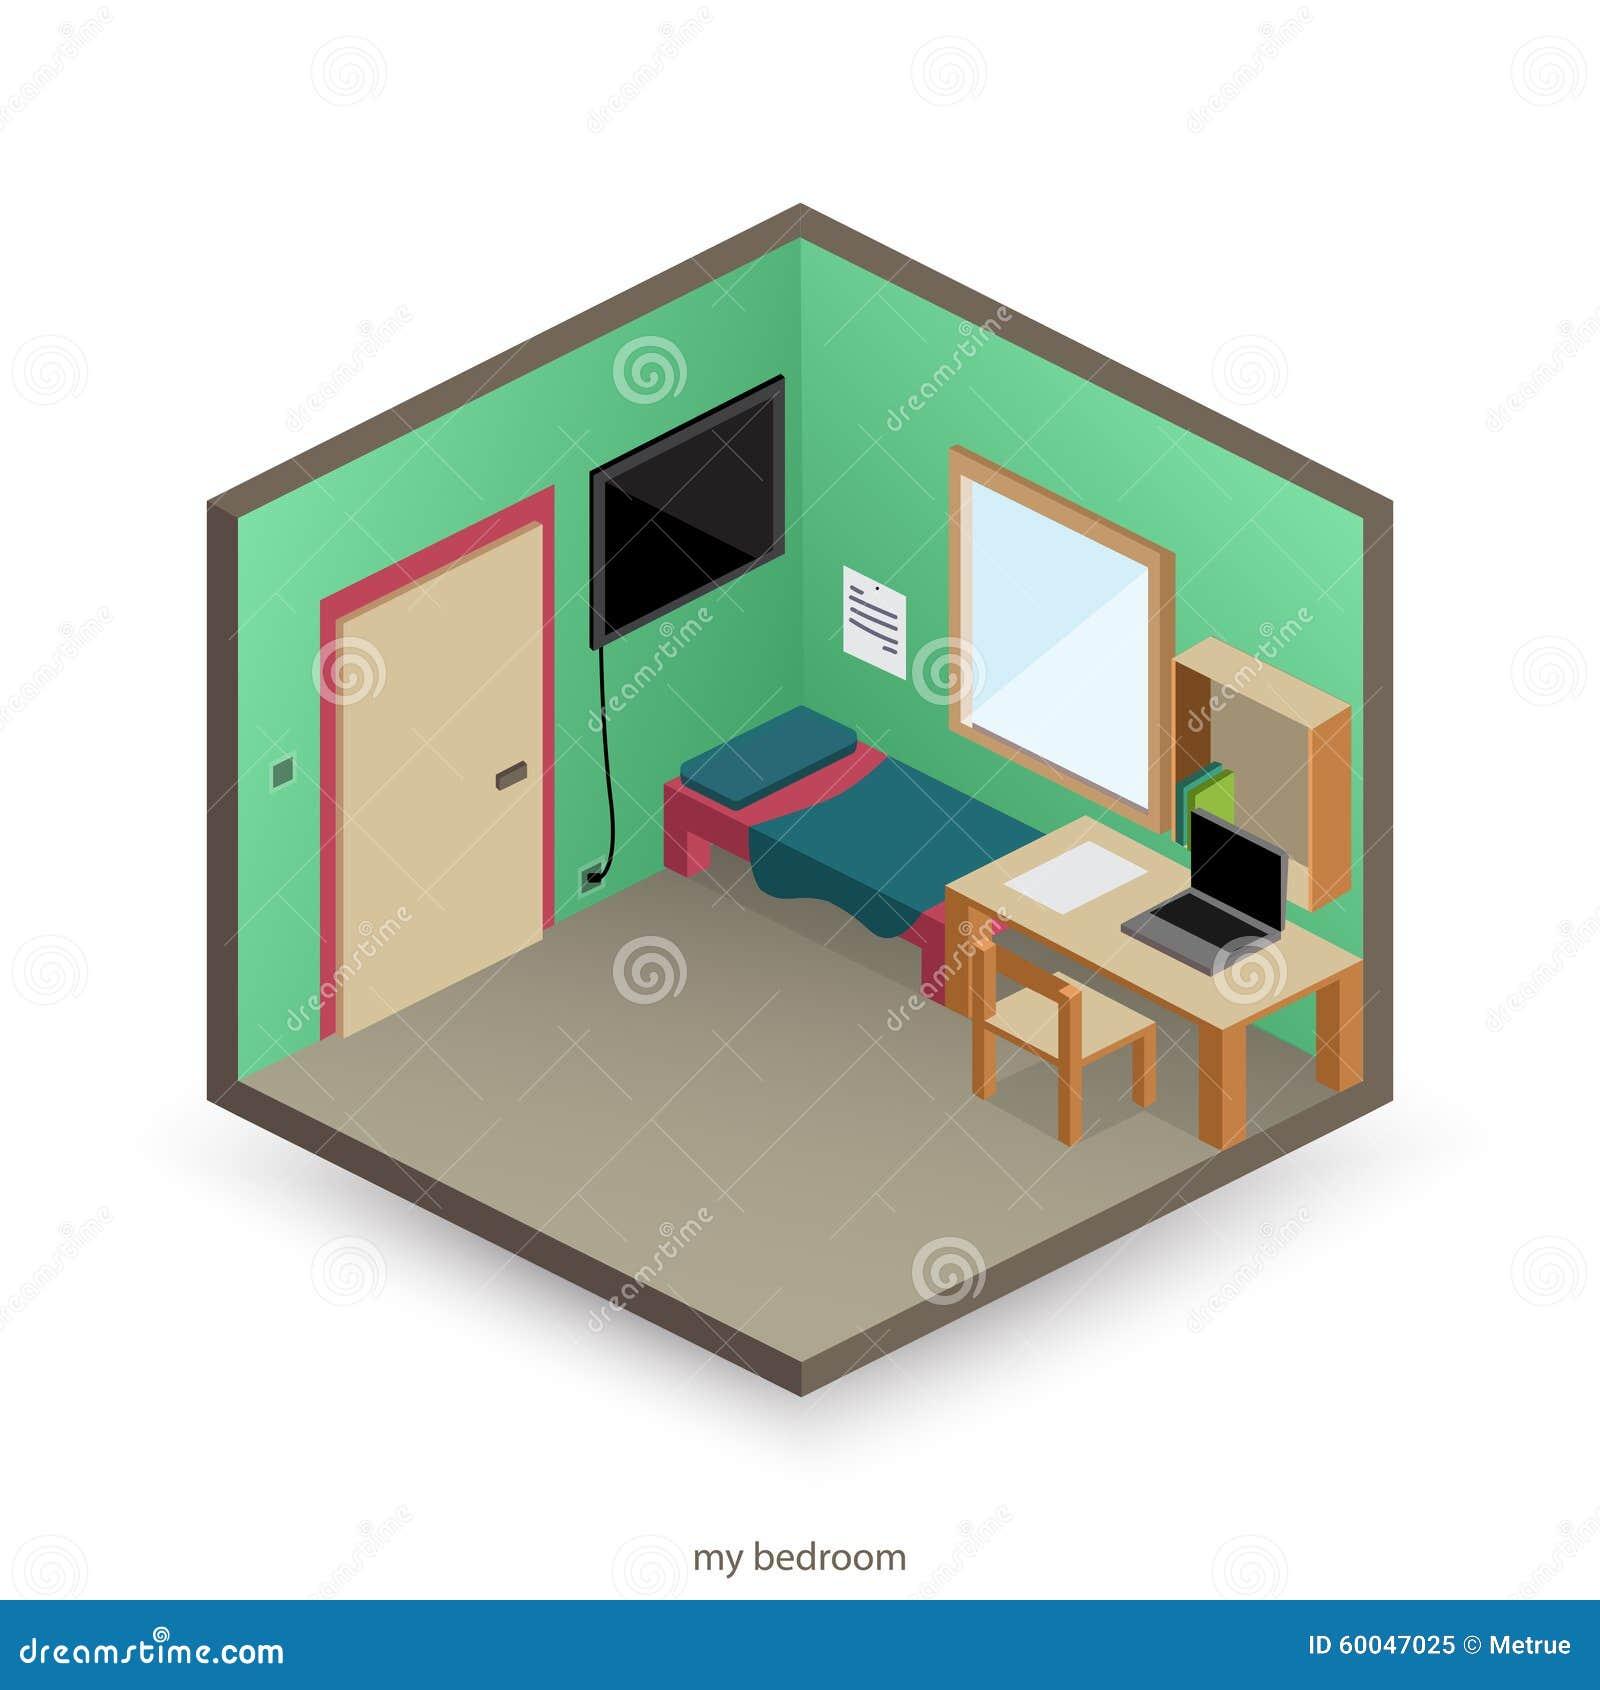 la mia camera da letto illustrazione vettoriale - immagine: 60047025 - La Mia Camera Da Letto